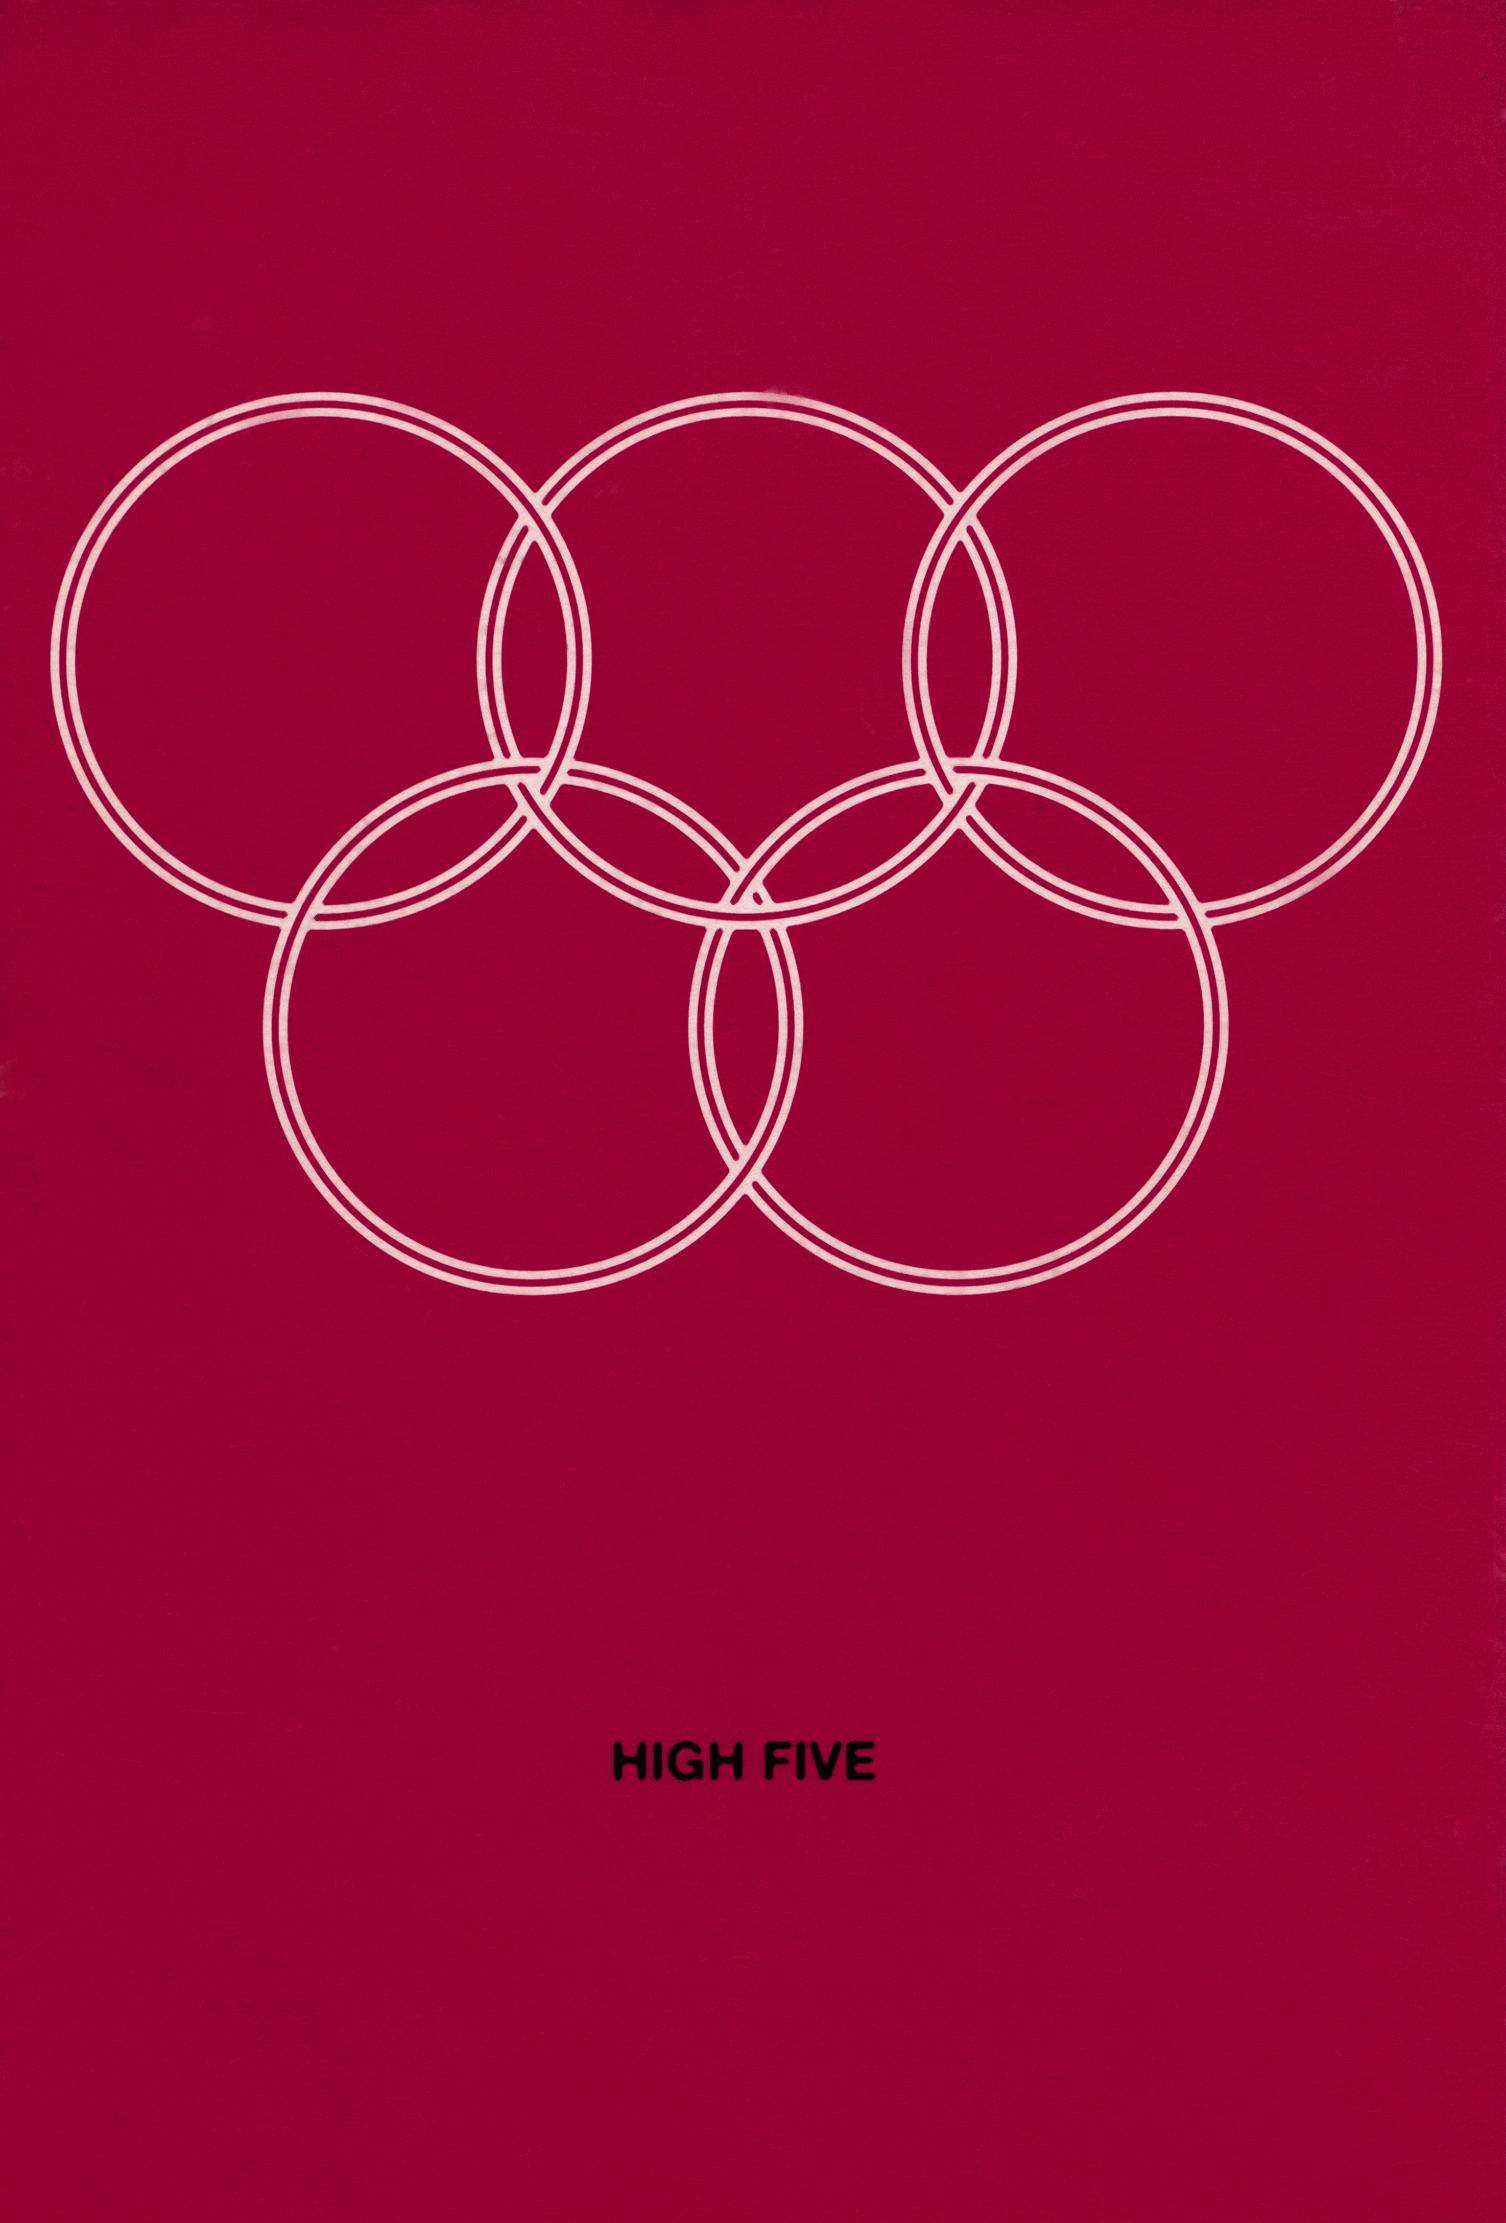 high five einladung rot vor